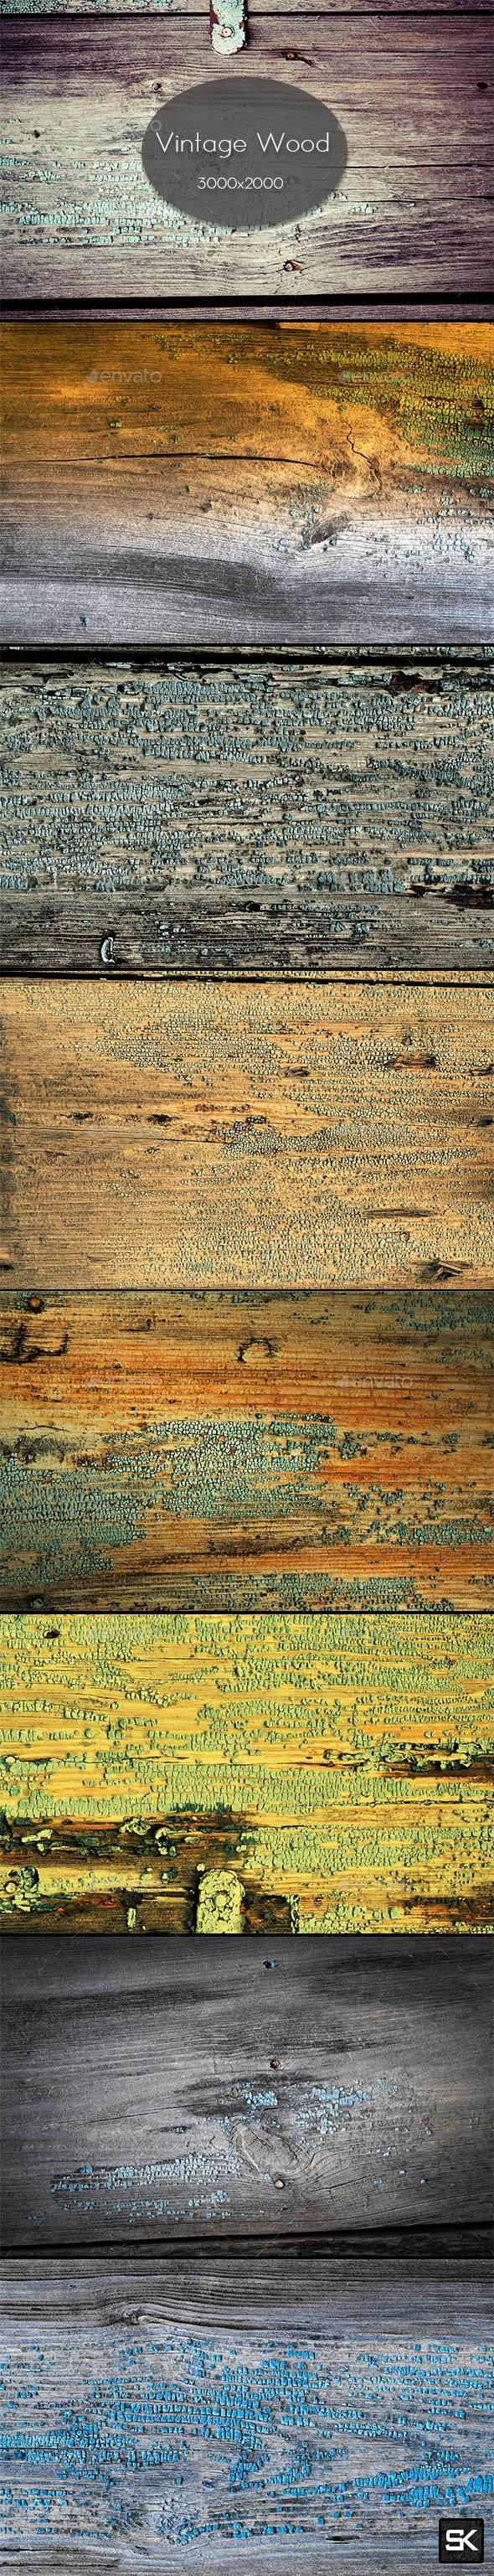 Vintage Wood.9